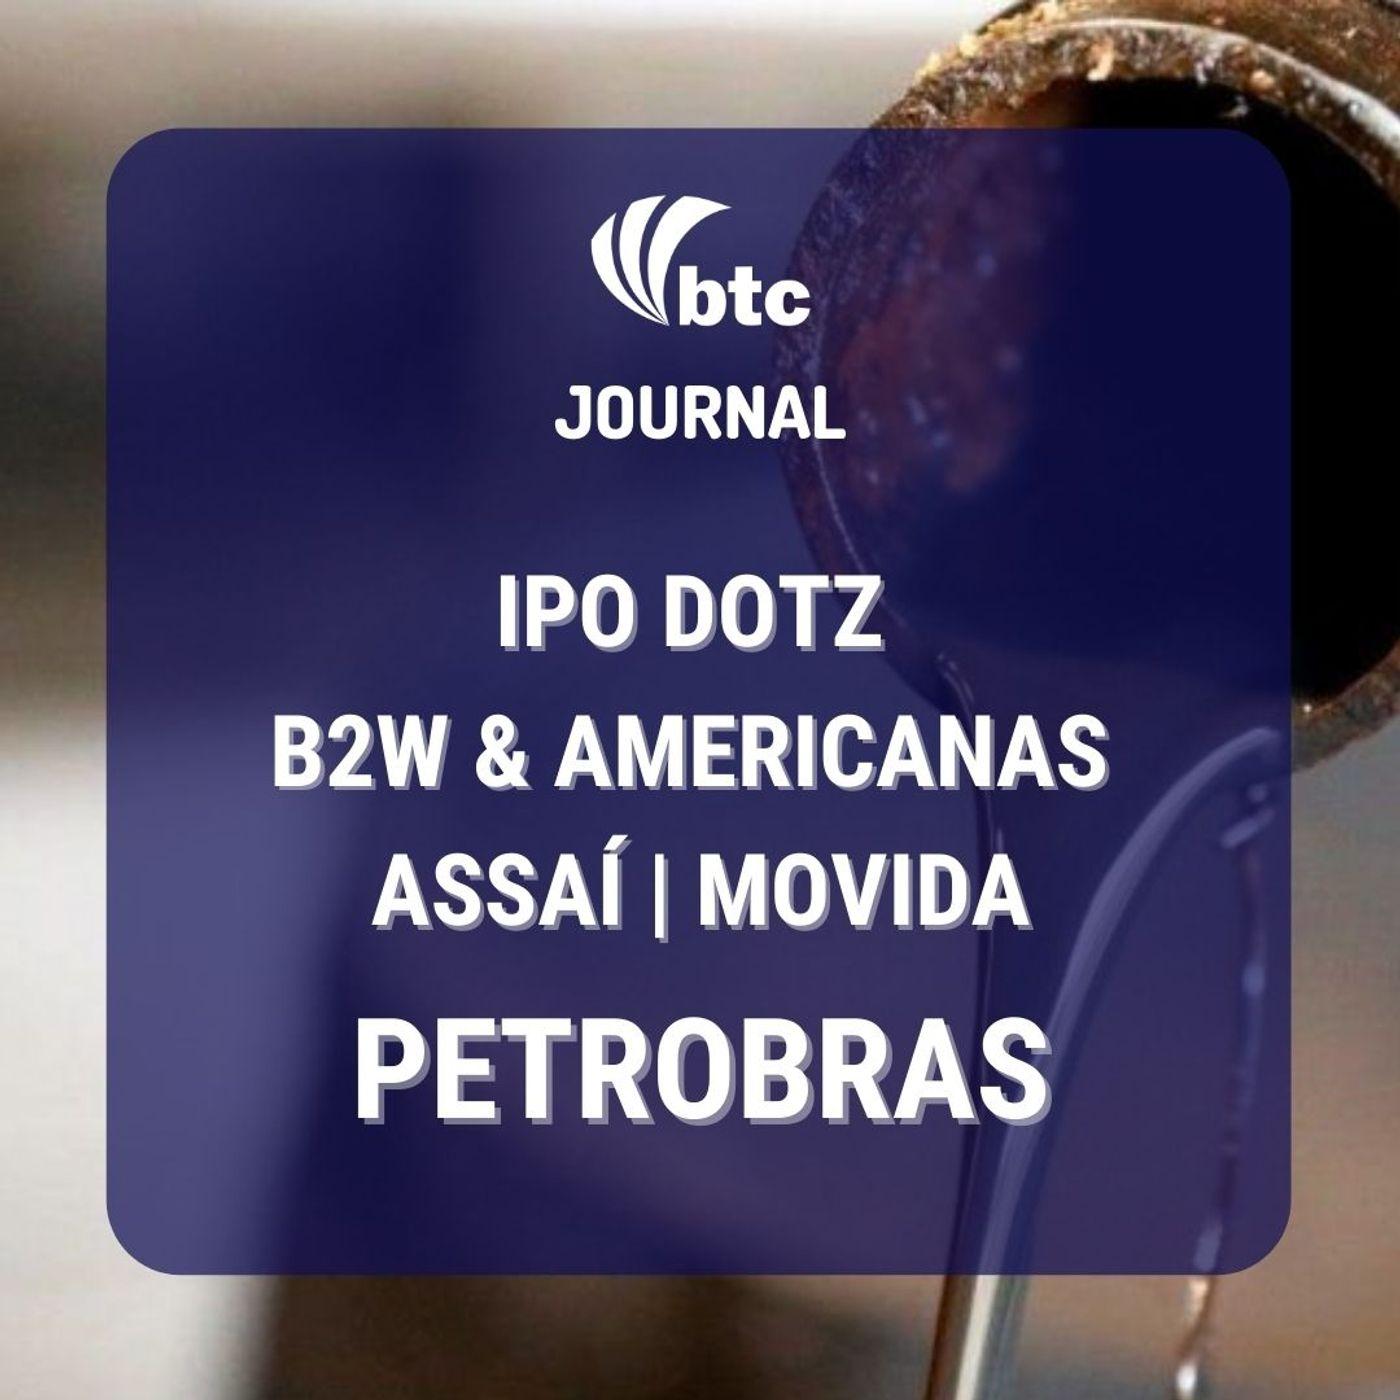 IPO Dotz e São Salvador, Petrobras, Volanty, B2W & Lojas Americanas e Cogna   BTC Journal 25/02/20